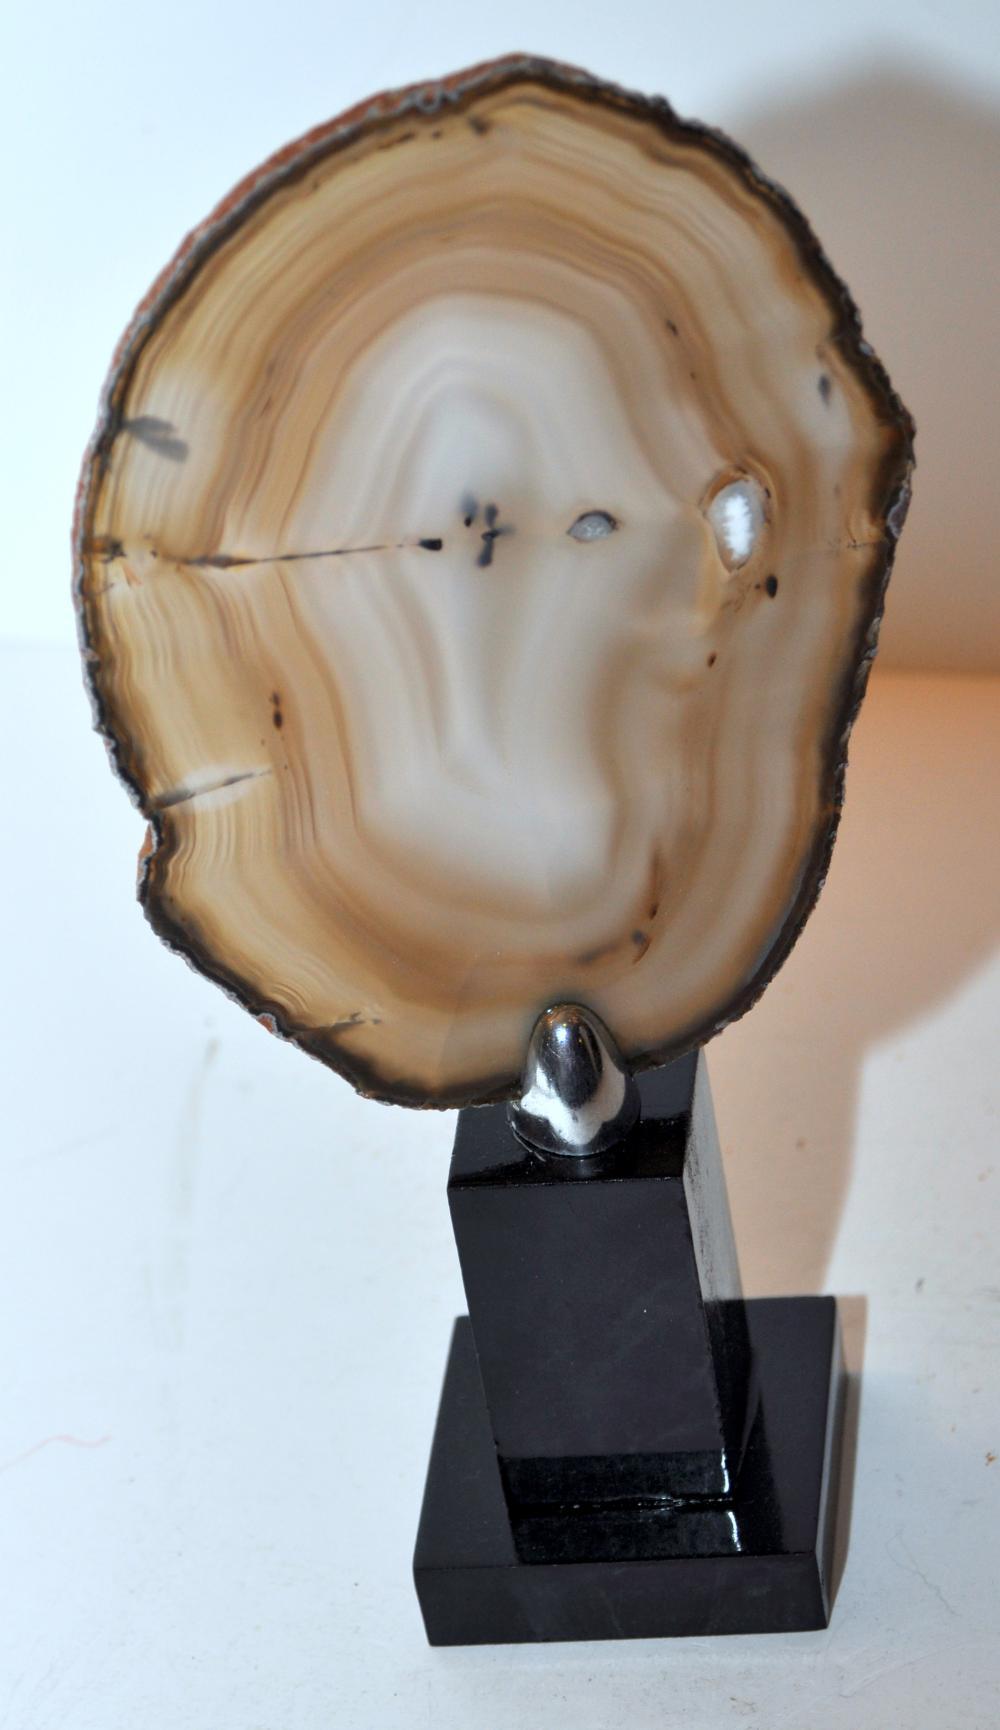 Lot 257: Sliced agate specimen on stand